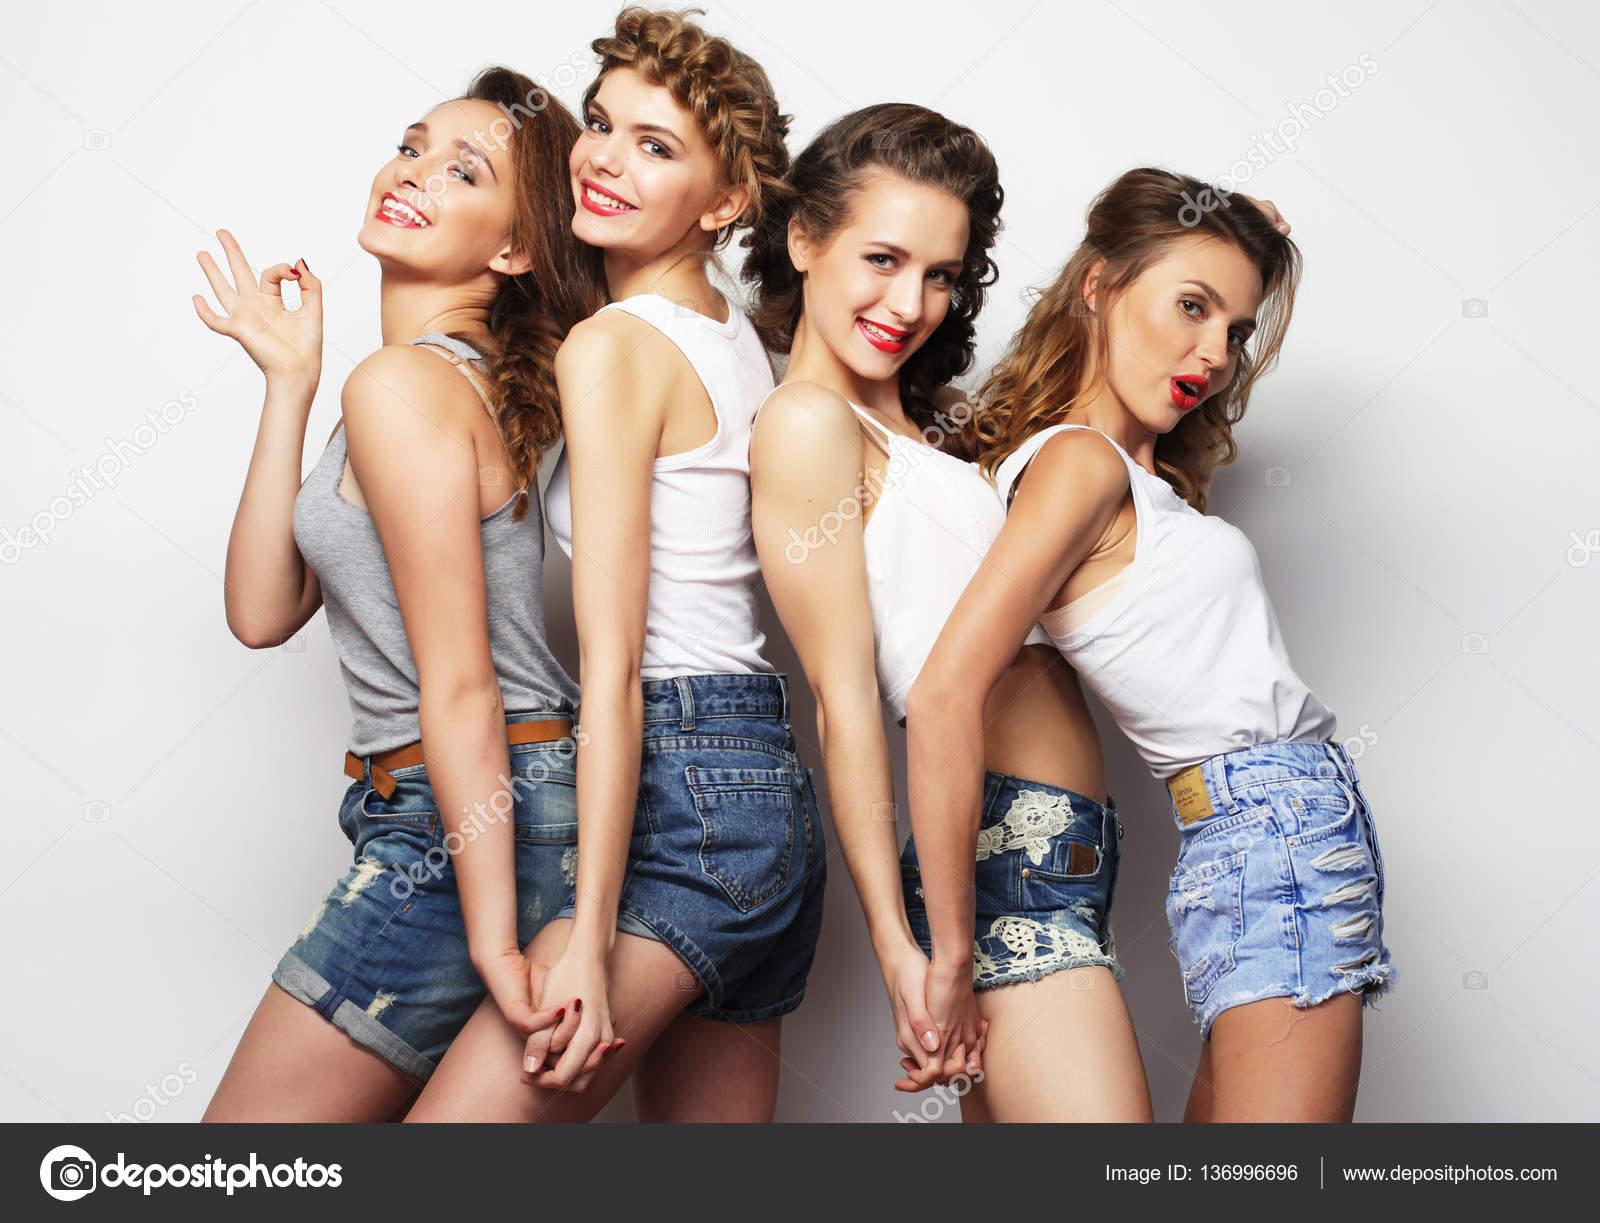 Фото девушек сексуальные лезби